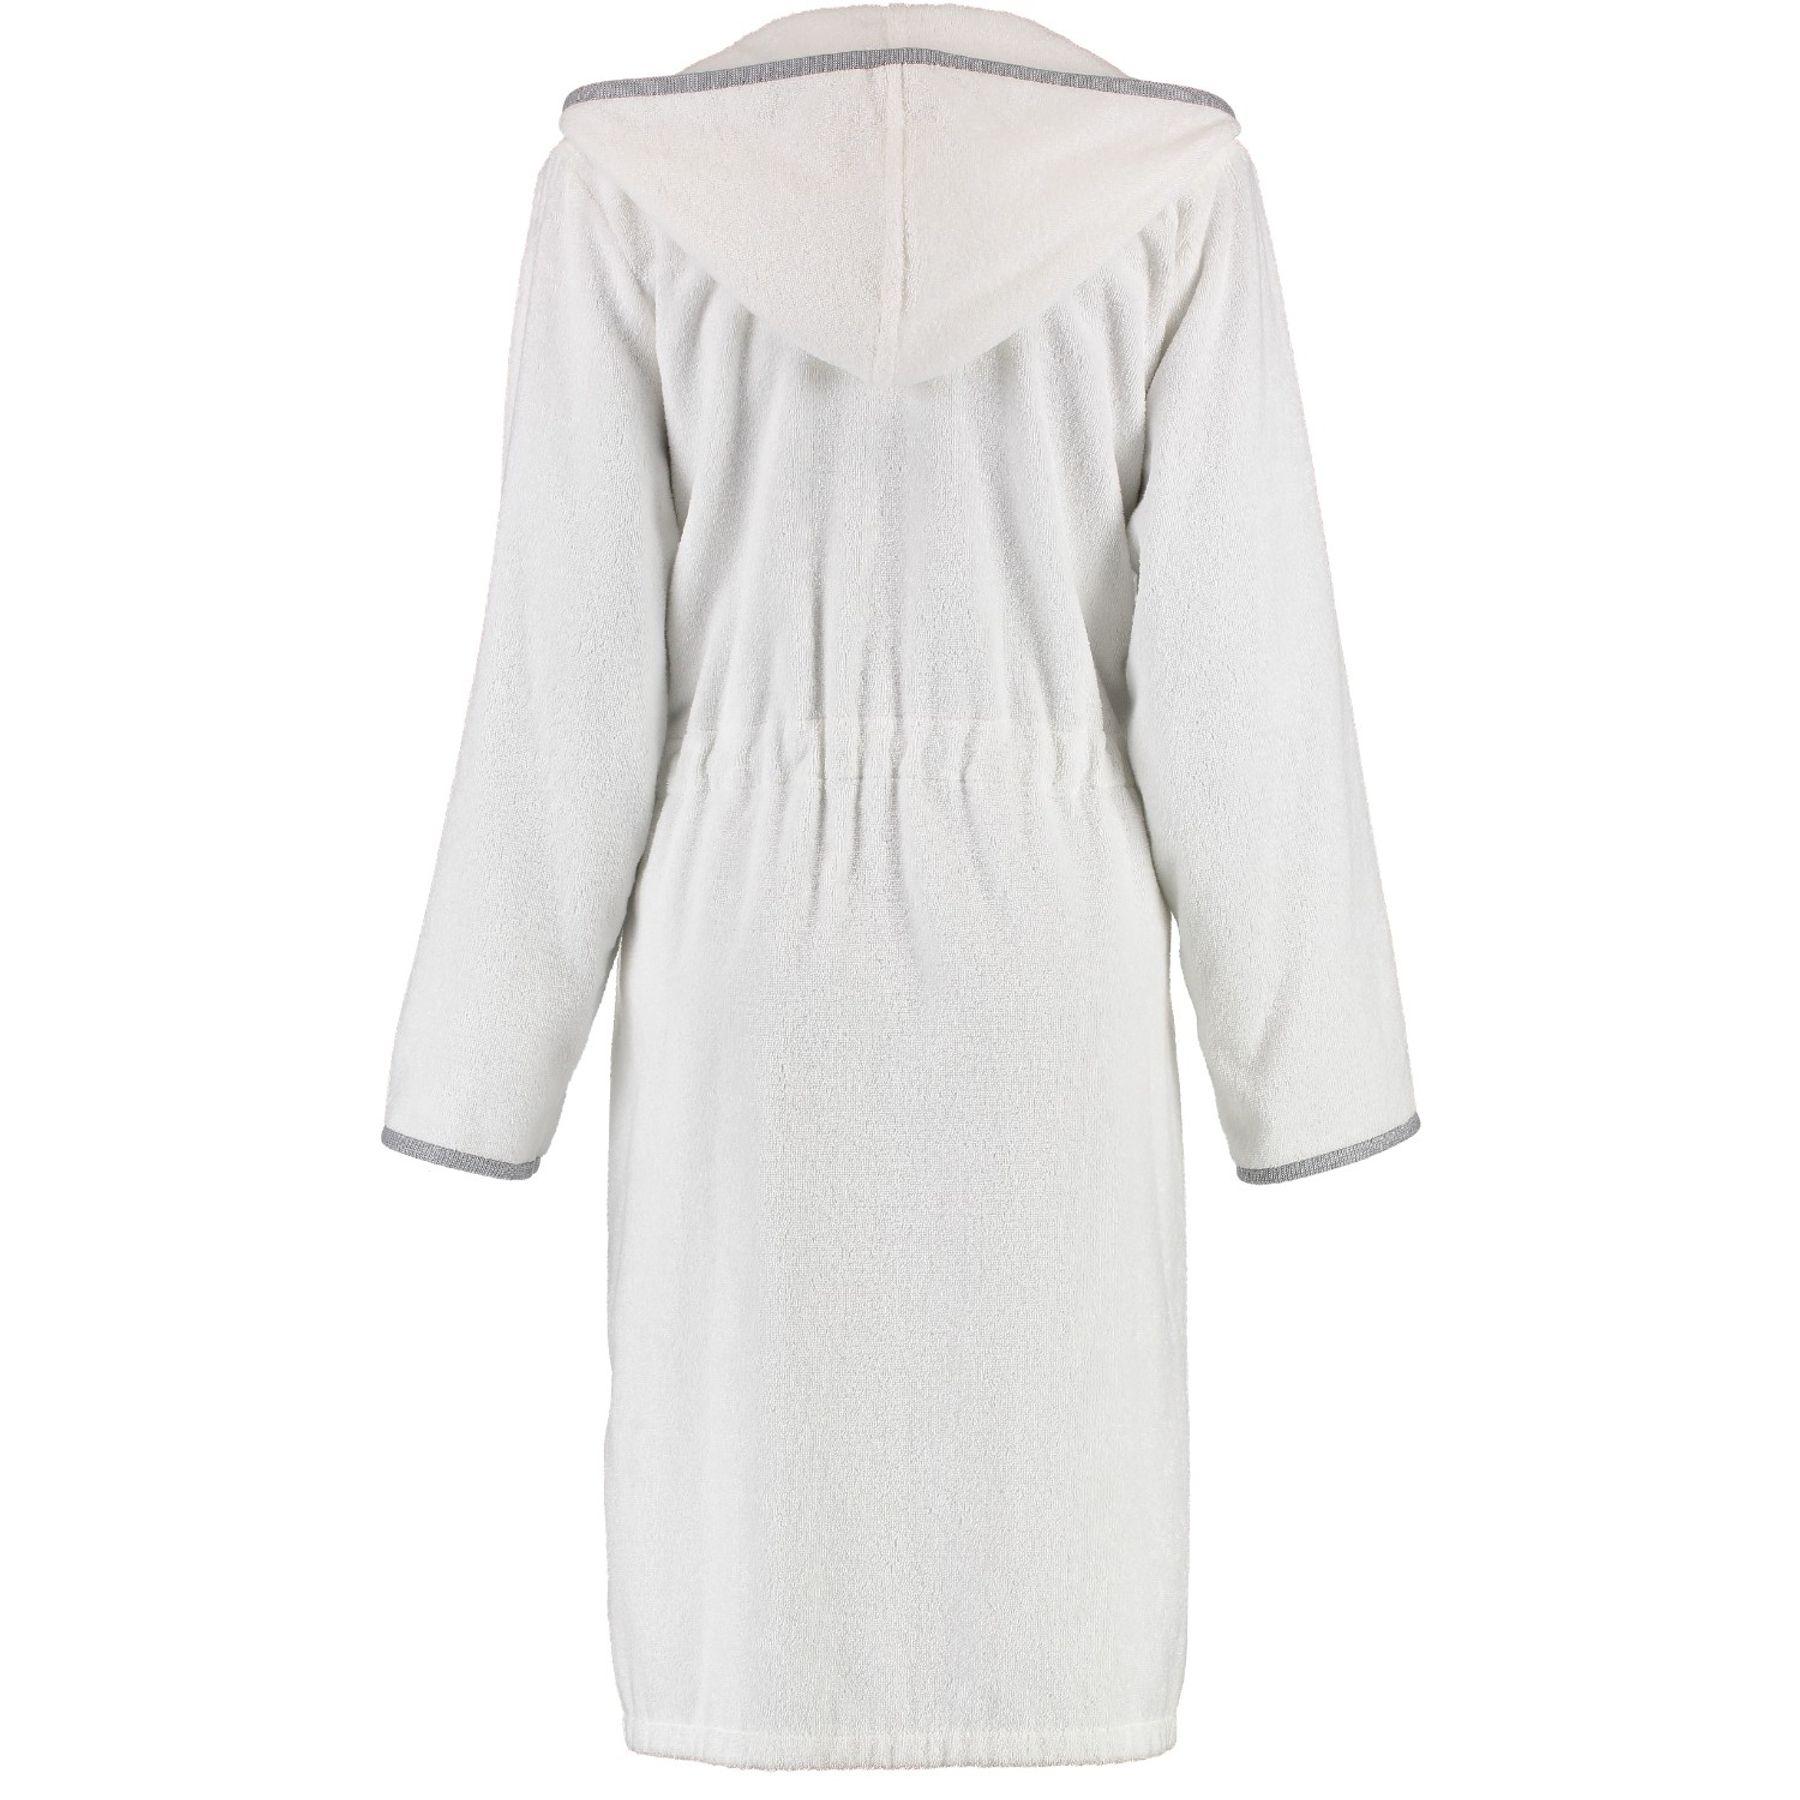 Cawö - Damen Bademantel mit Reißverschluss und Kapuze in Weiß (4103) – Bild 2